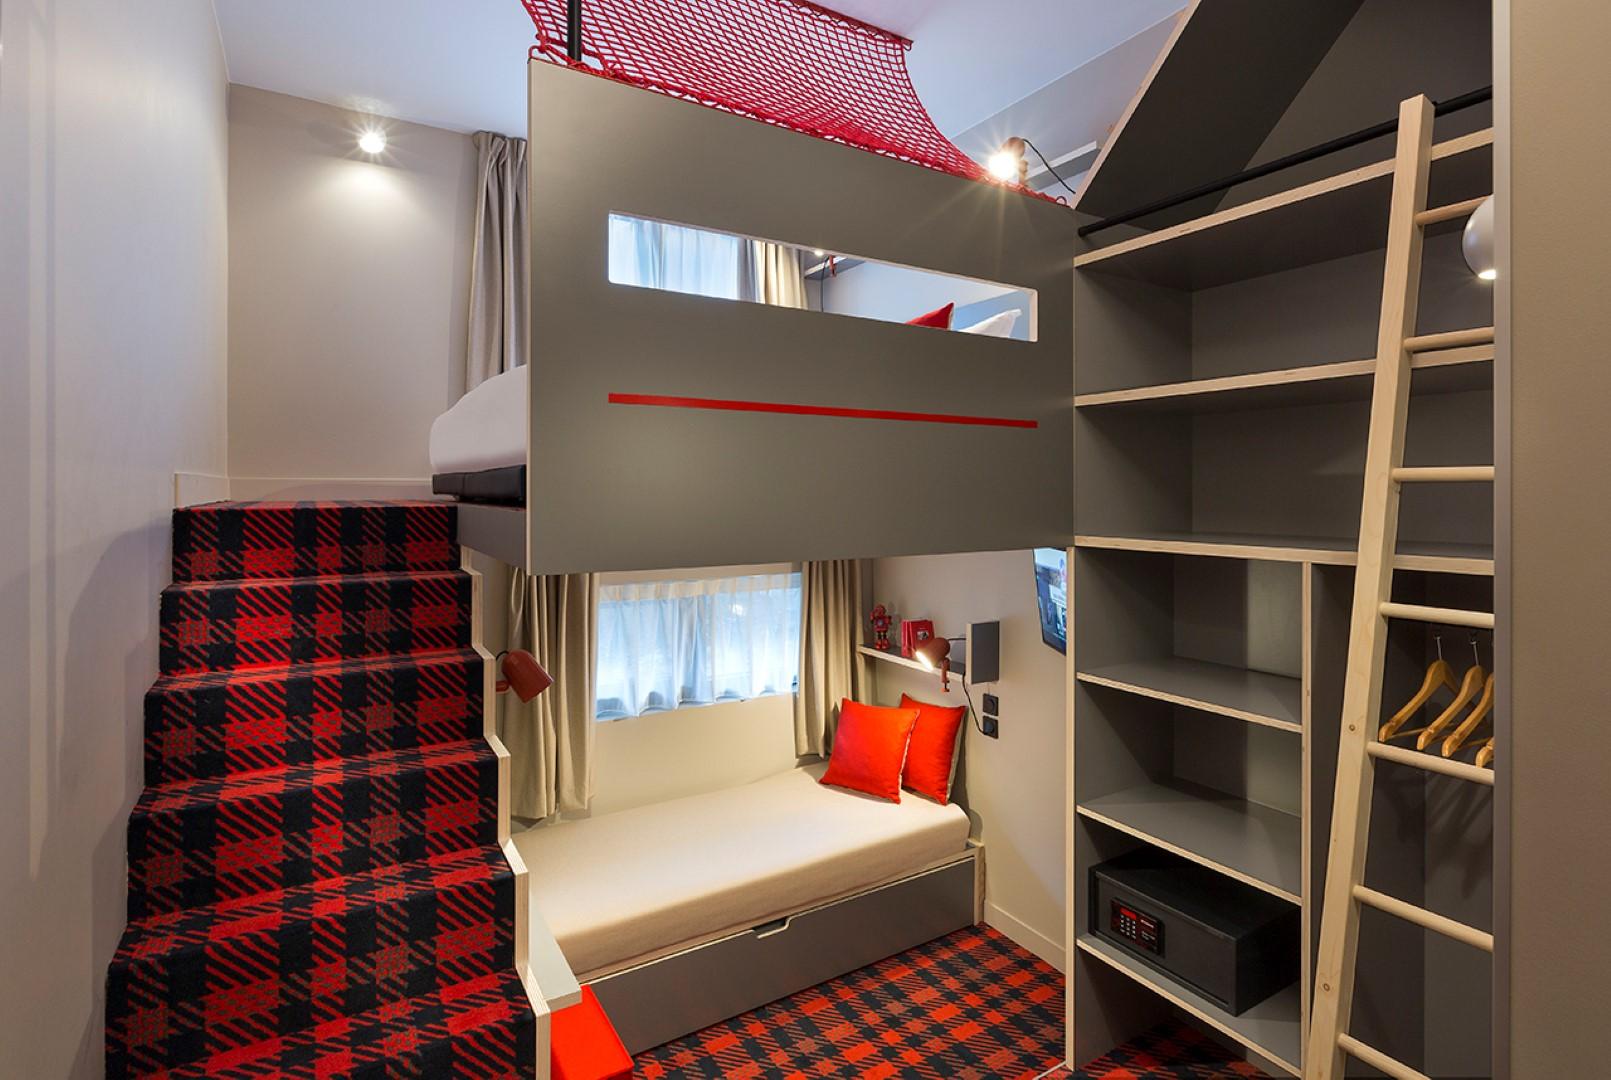 Araucaria Hotel Spa